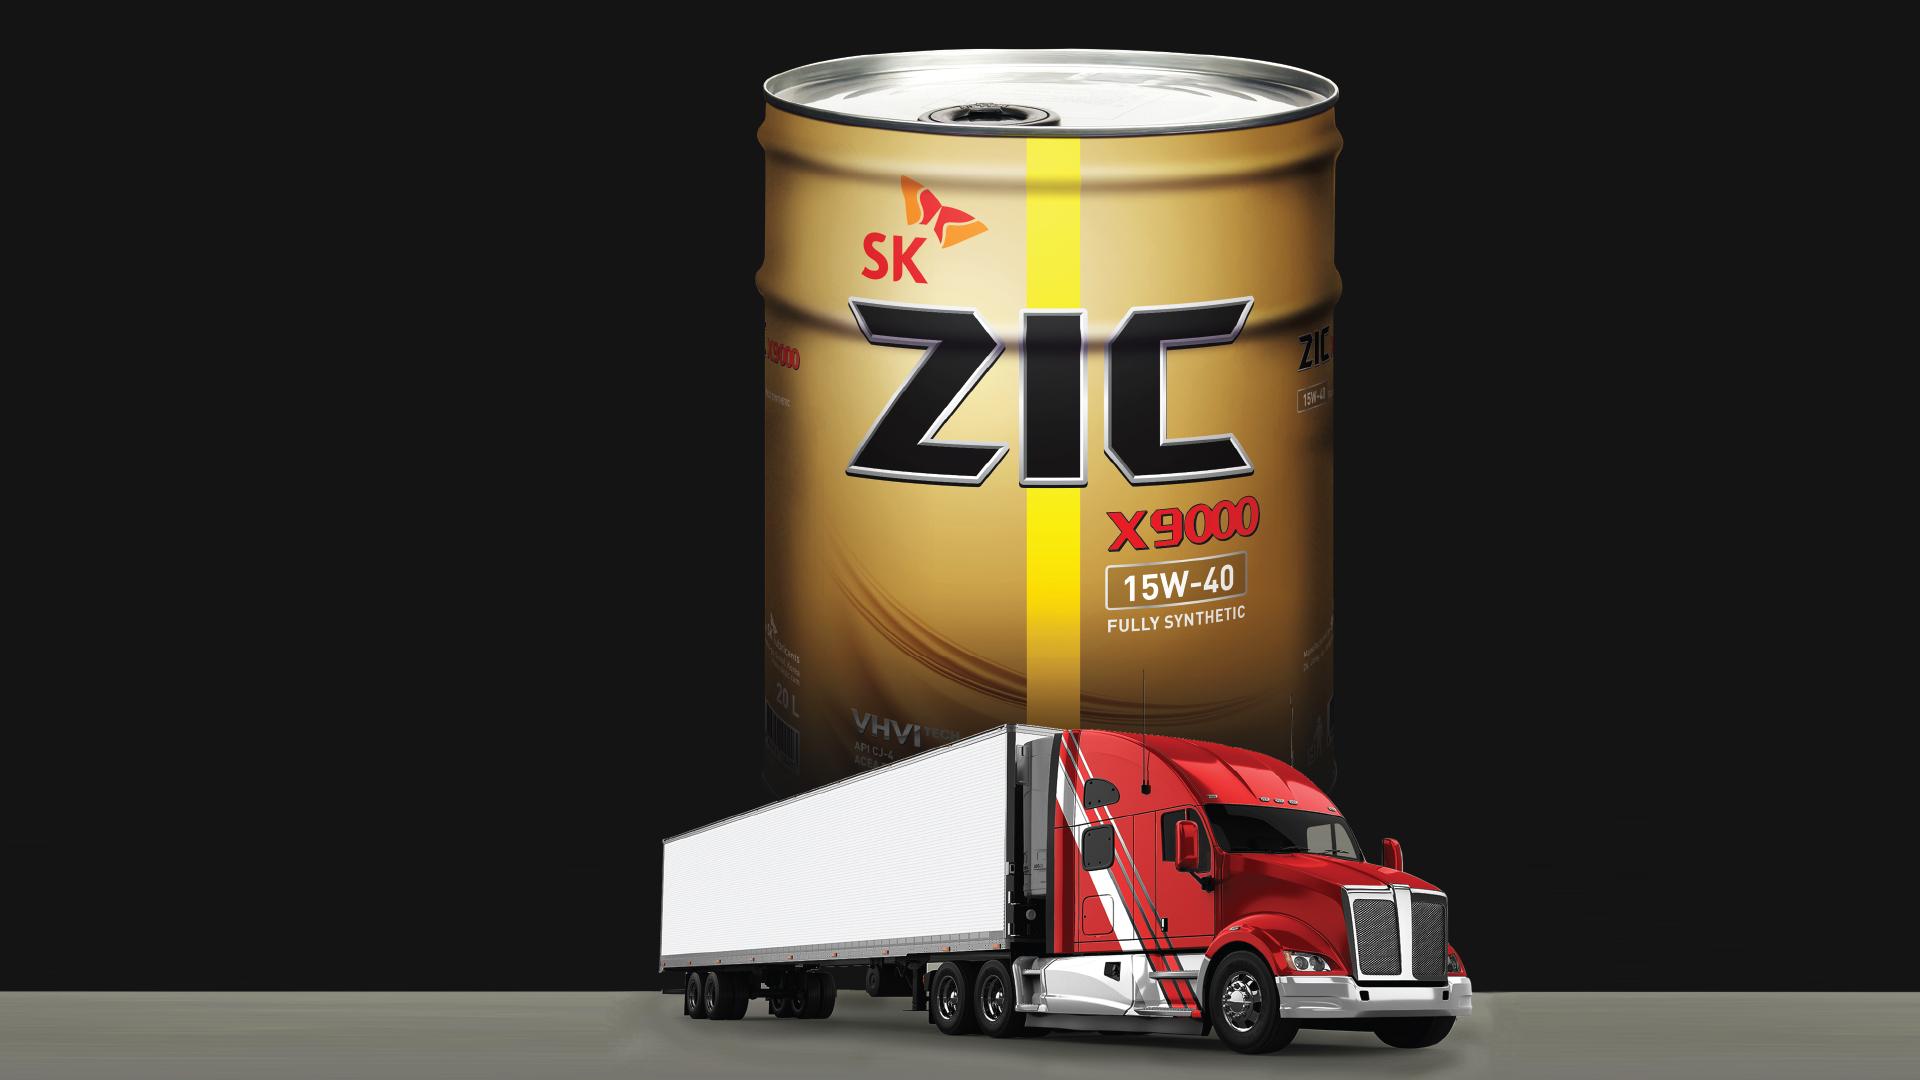 SK ZIC X9000